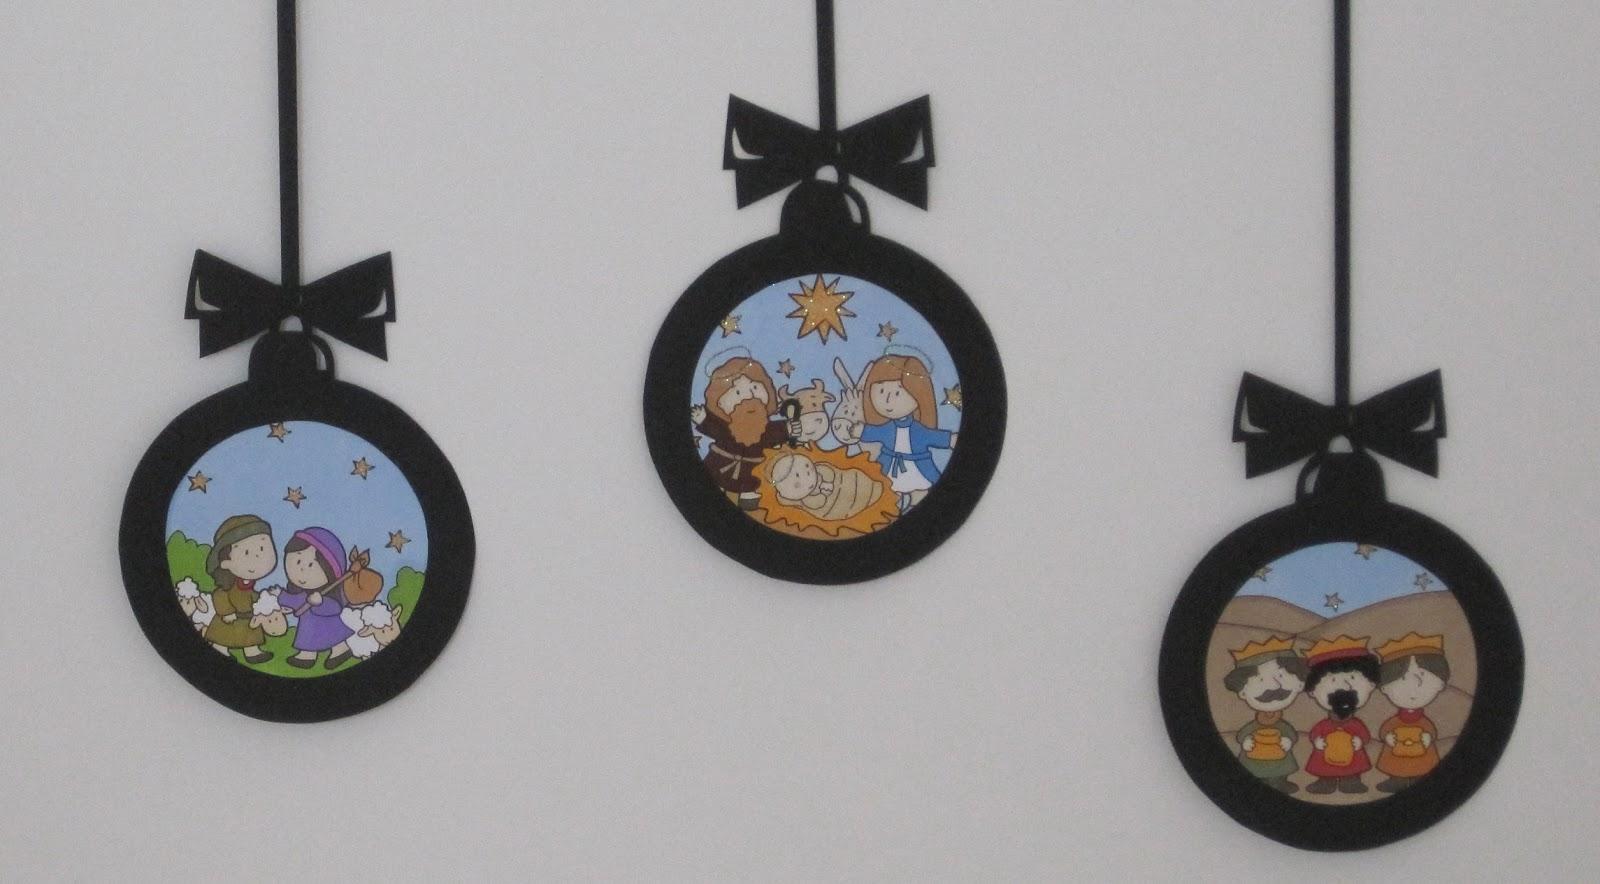 Lavoretti Di Natale Per Bambini Catechismo.Lavoretti Di Natale Per Bambini Del Catechismo